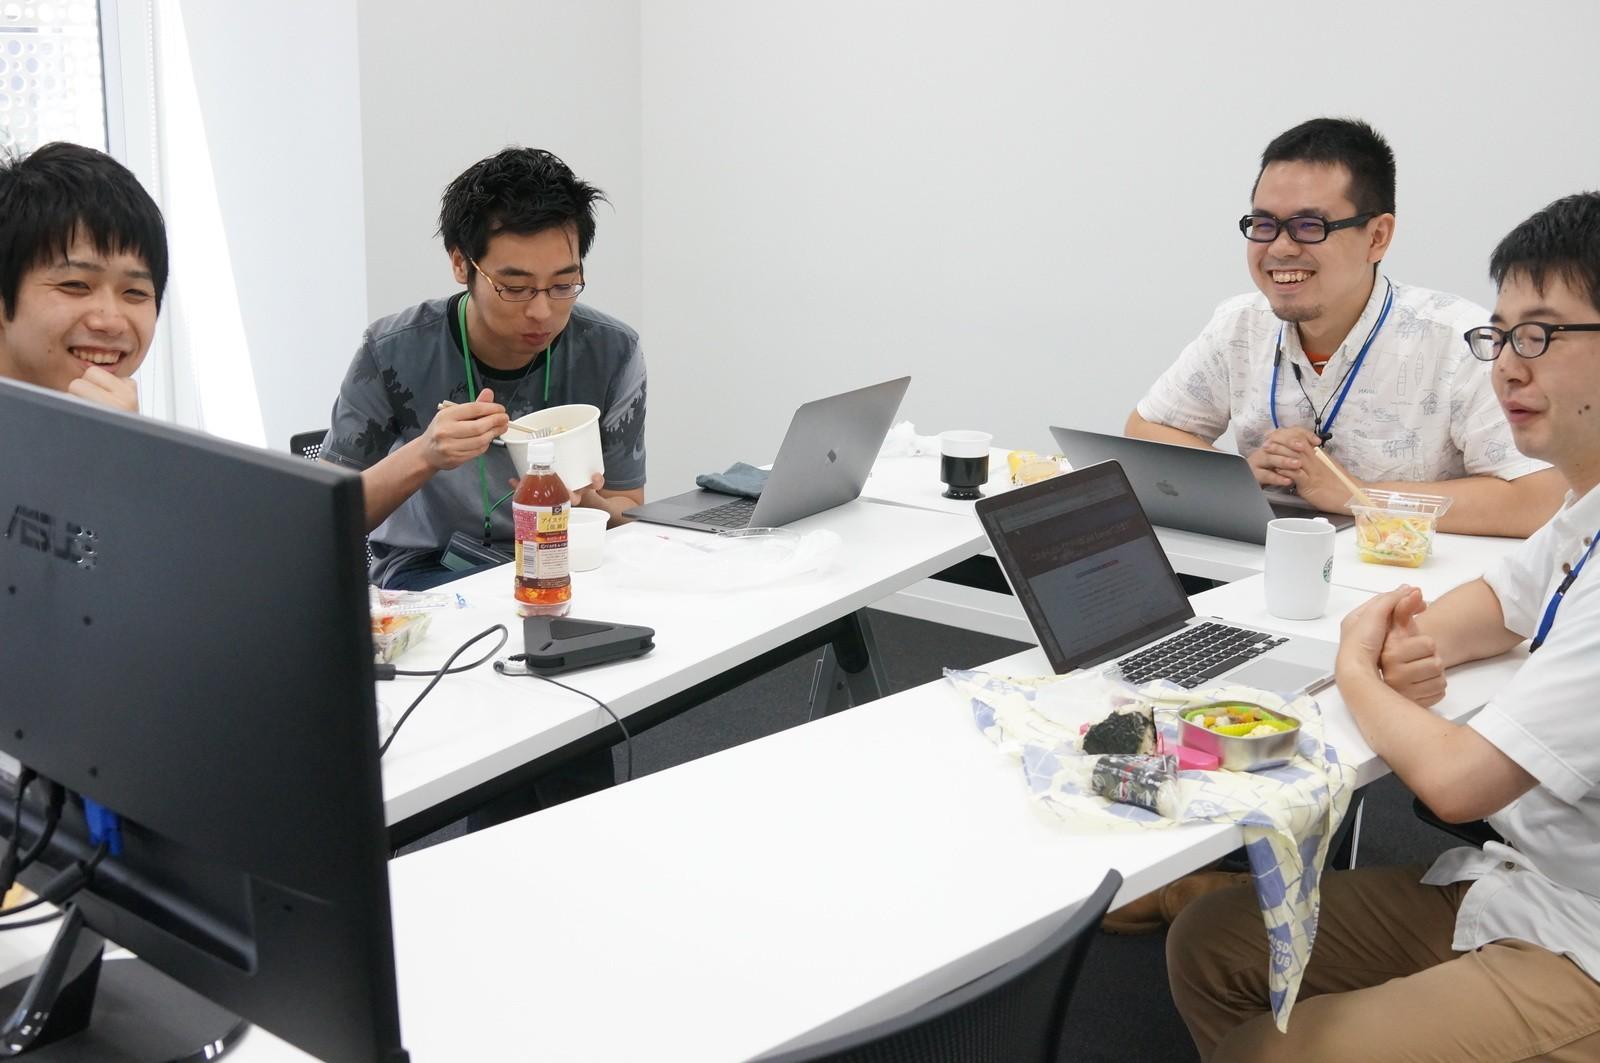 """【QAエンジニア/テストエンジニア】有償ユーザー10万人突破◎主力サービス""""TeamSpirit""""の品質保障管理業務!<仕様検討〜テスト設計・実行など横断的にご担当いただきます>"""